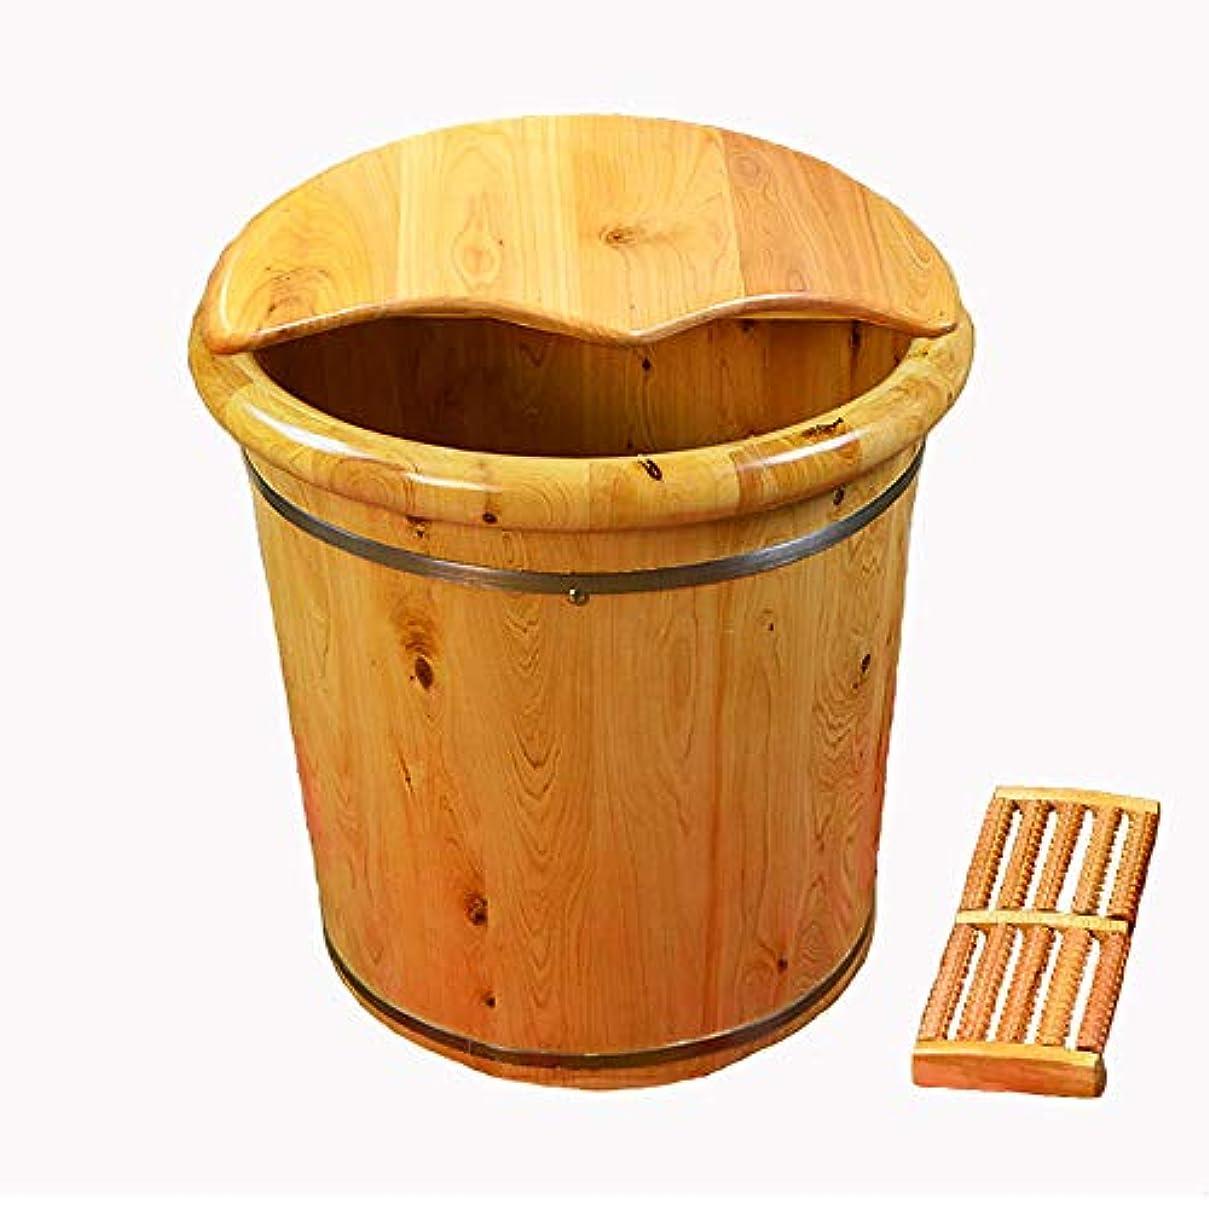 バケツ安息アリーナ足浴桶 足の浴槽、木製の足の盆地足のバレルの足の足のマッサージの足の盆カバーの足の桶